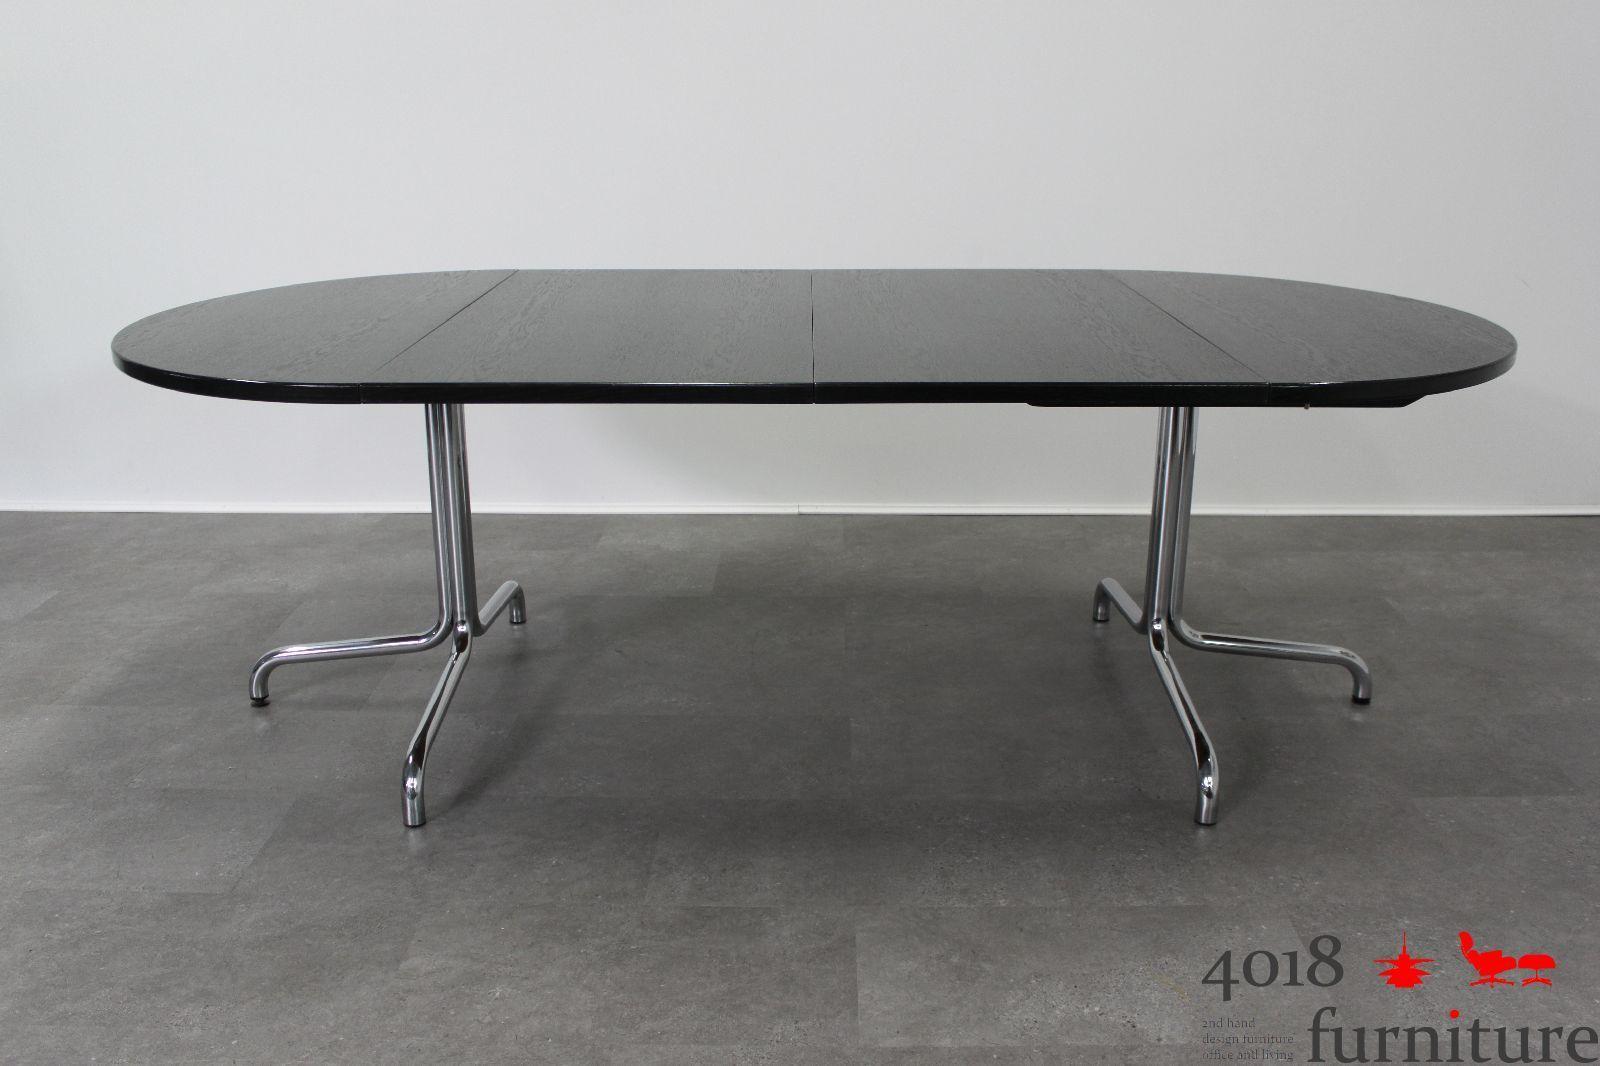 Thonet esstisch s 1052 schwarz bauhaus klassiker for Bauhaus klassiker nachbau